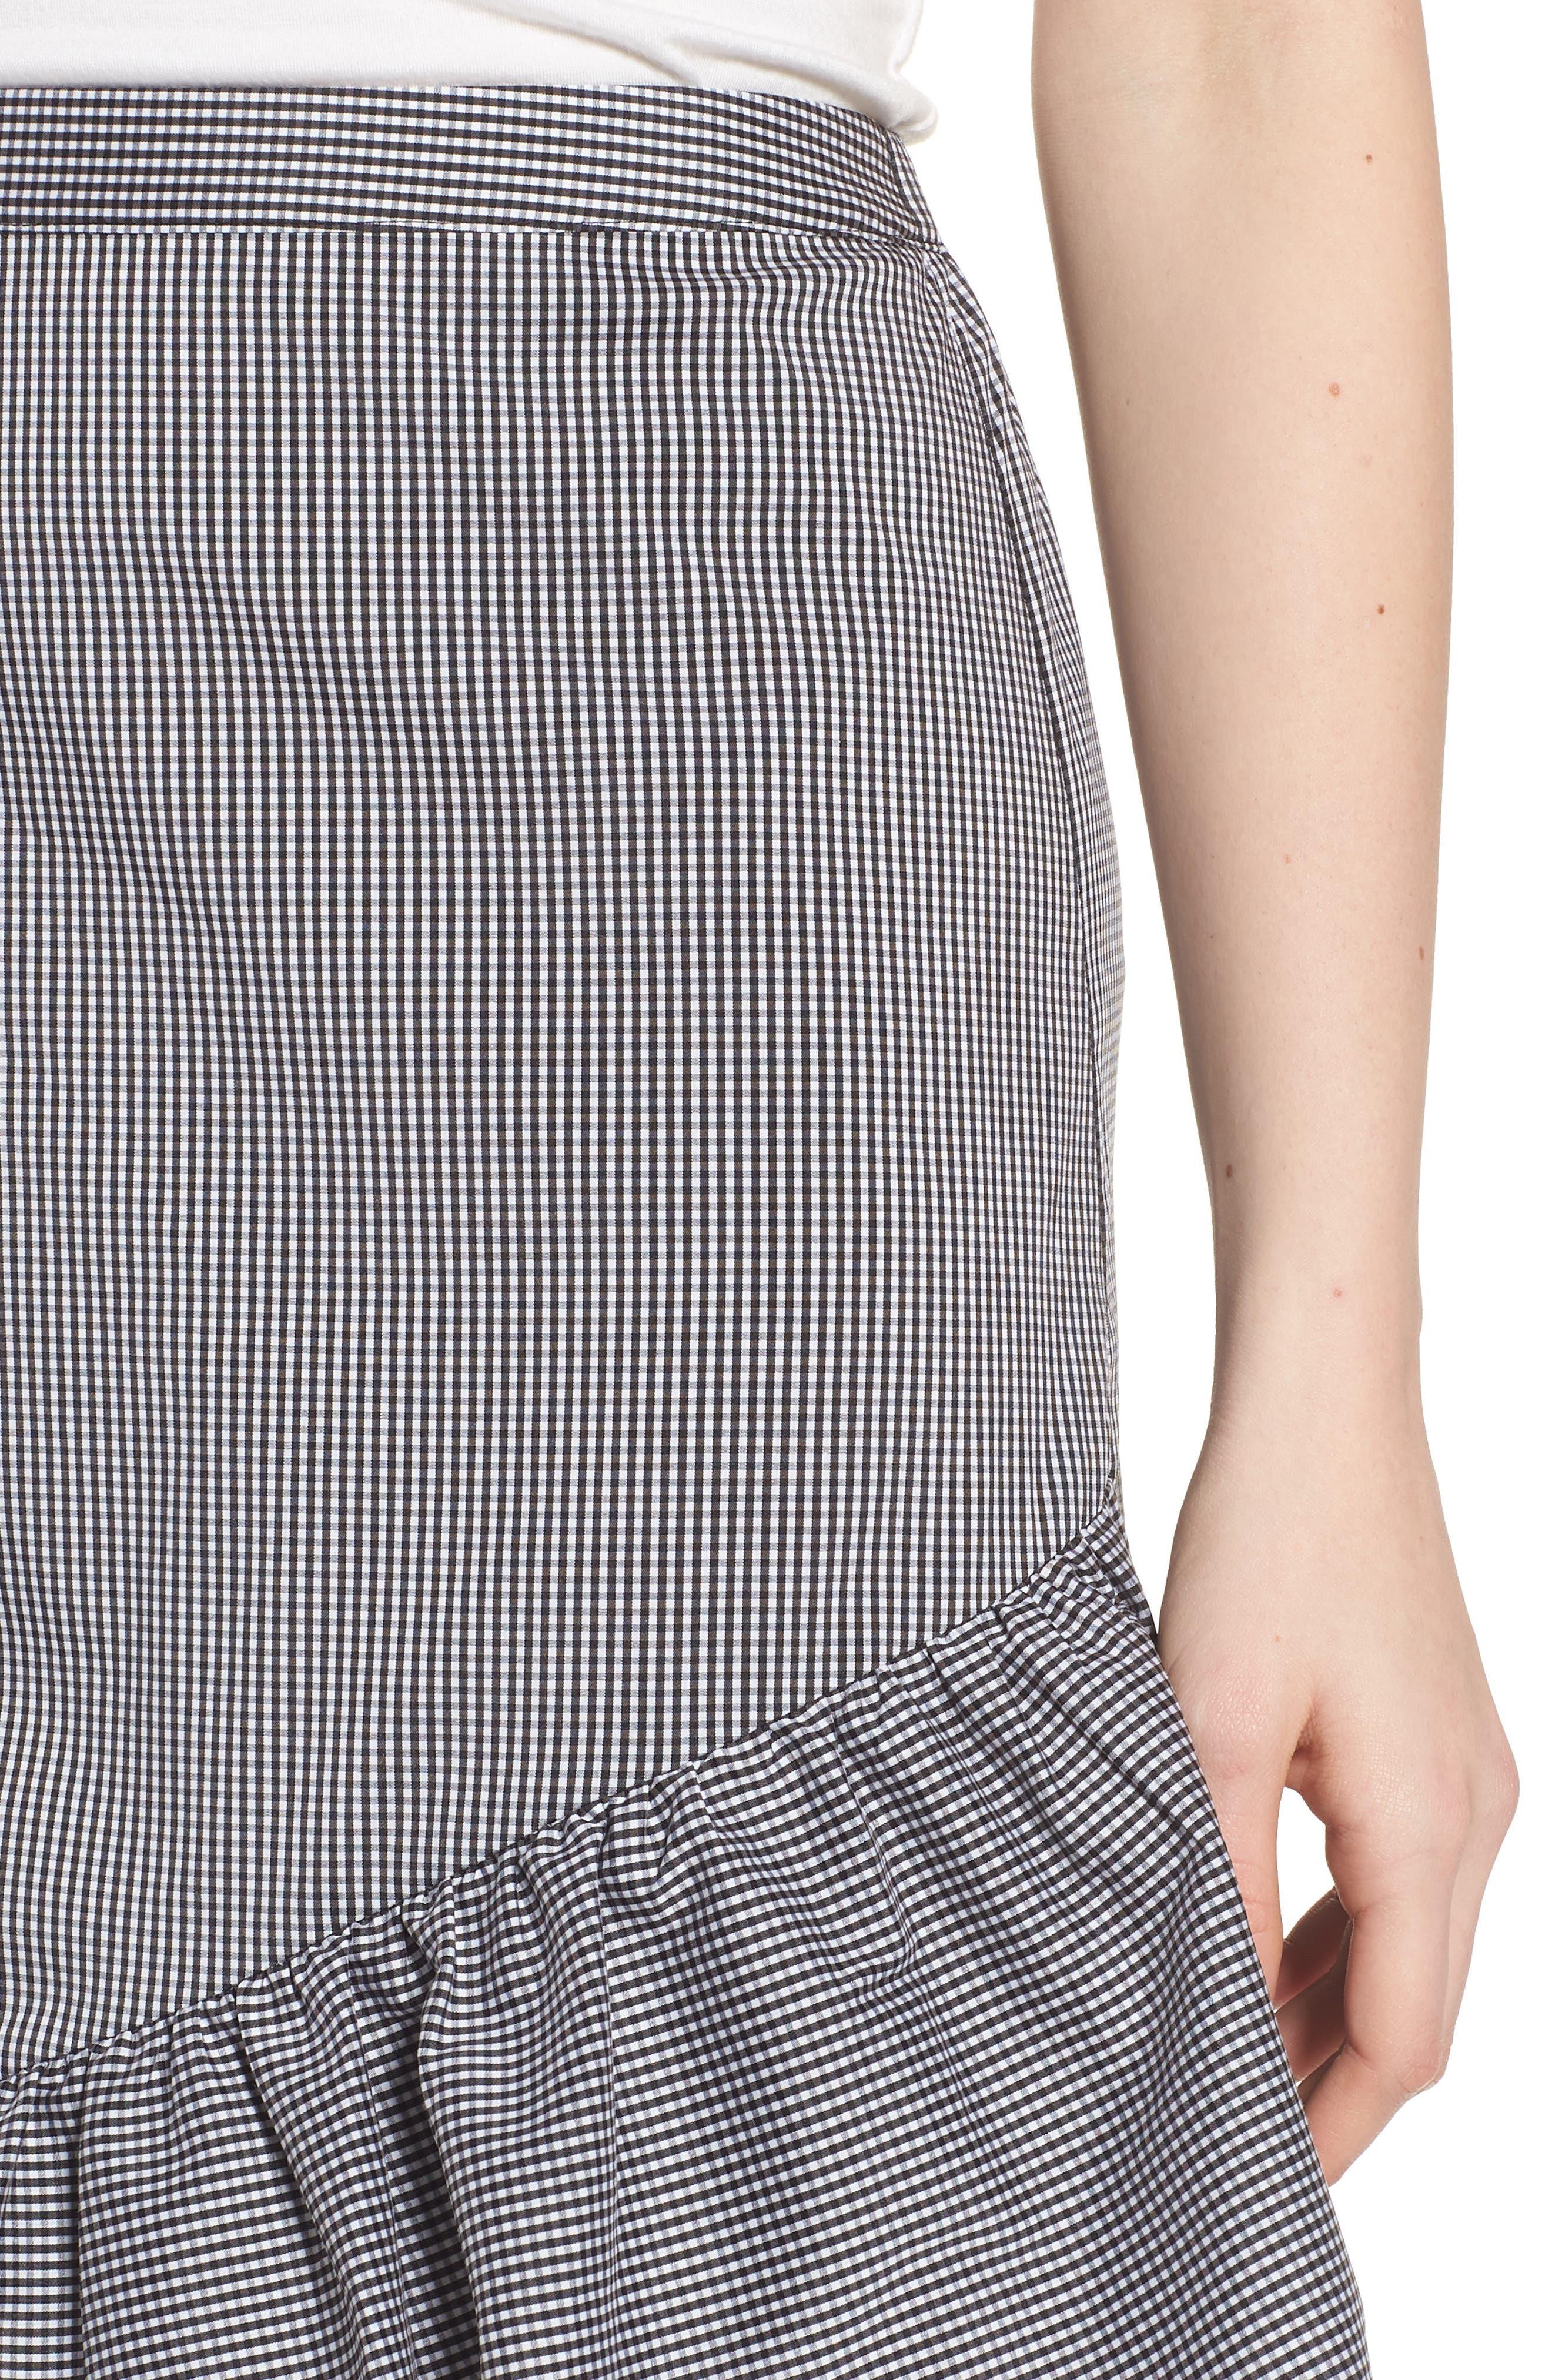 Gingham Ruffle Skirt,                             Alternate thumbnail 4, color,                             Black- White Mini Gingham